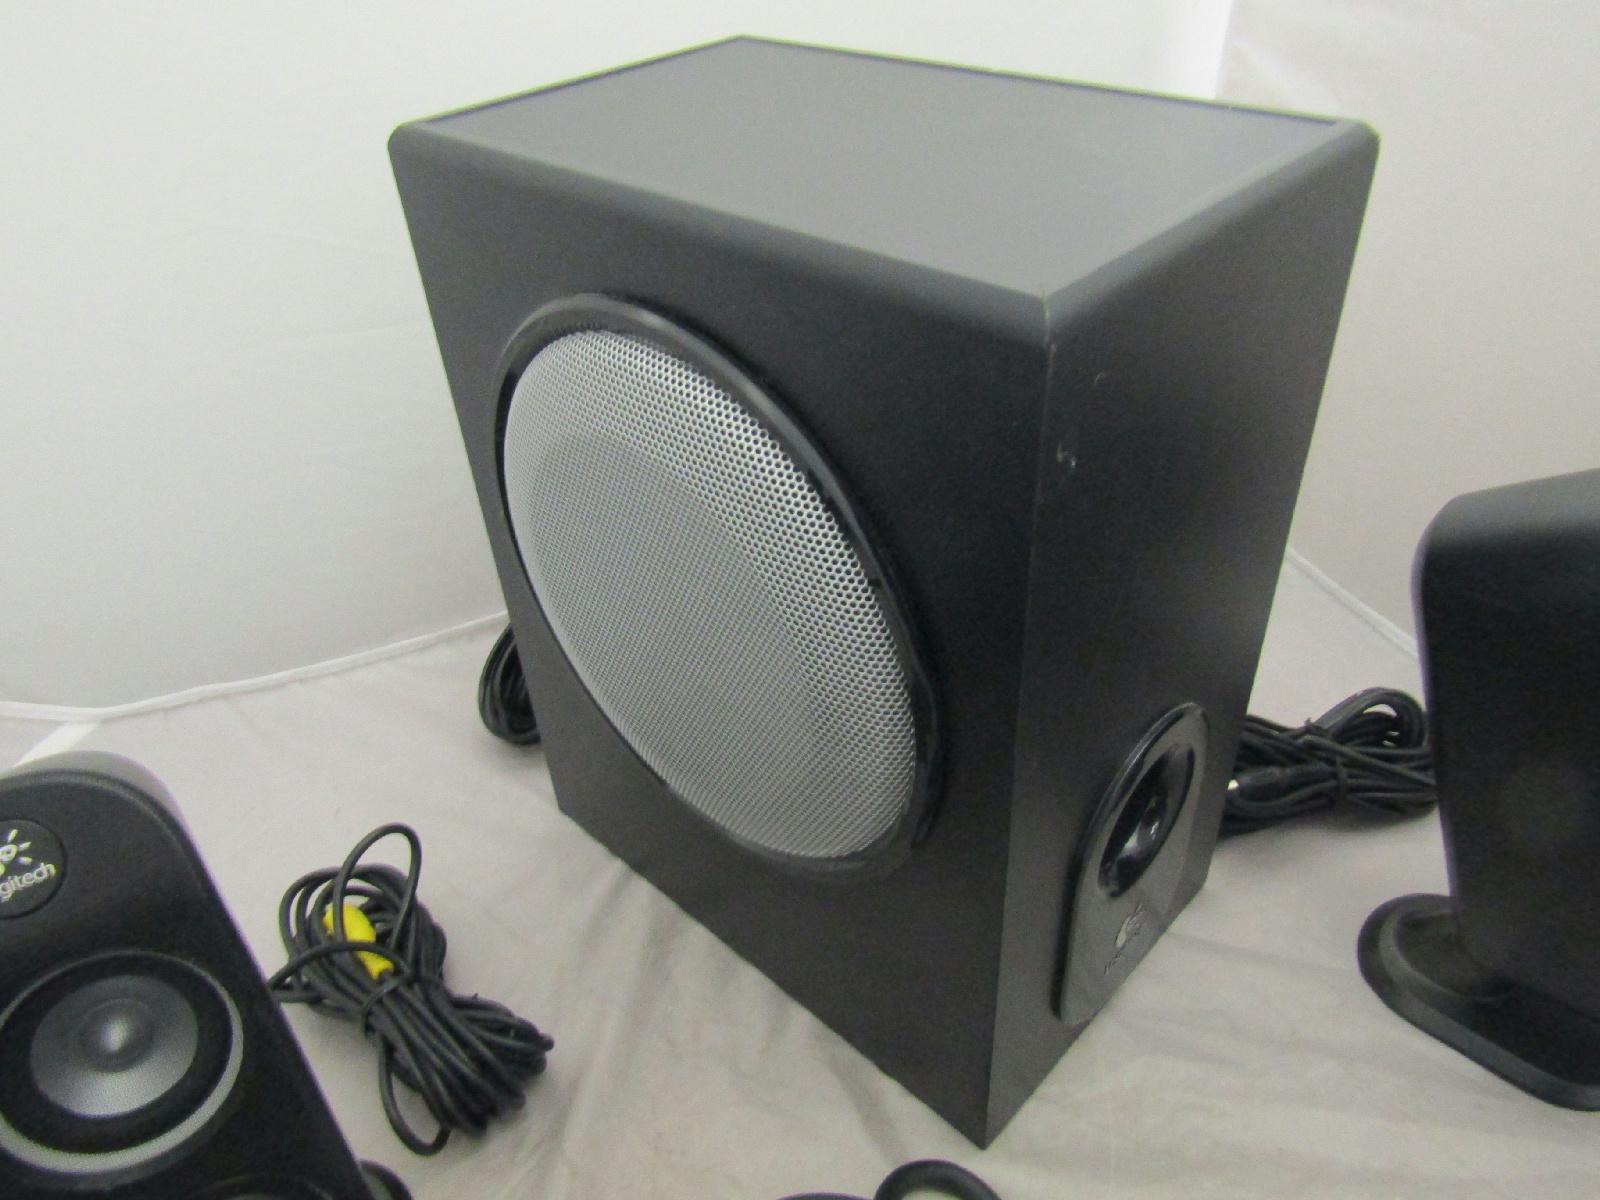 logitech speaker system model x 530 5 1 surround sound. Black Bedroom Furniture Sets. Home Design Ideas